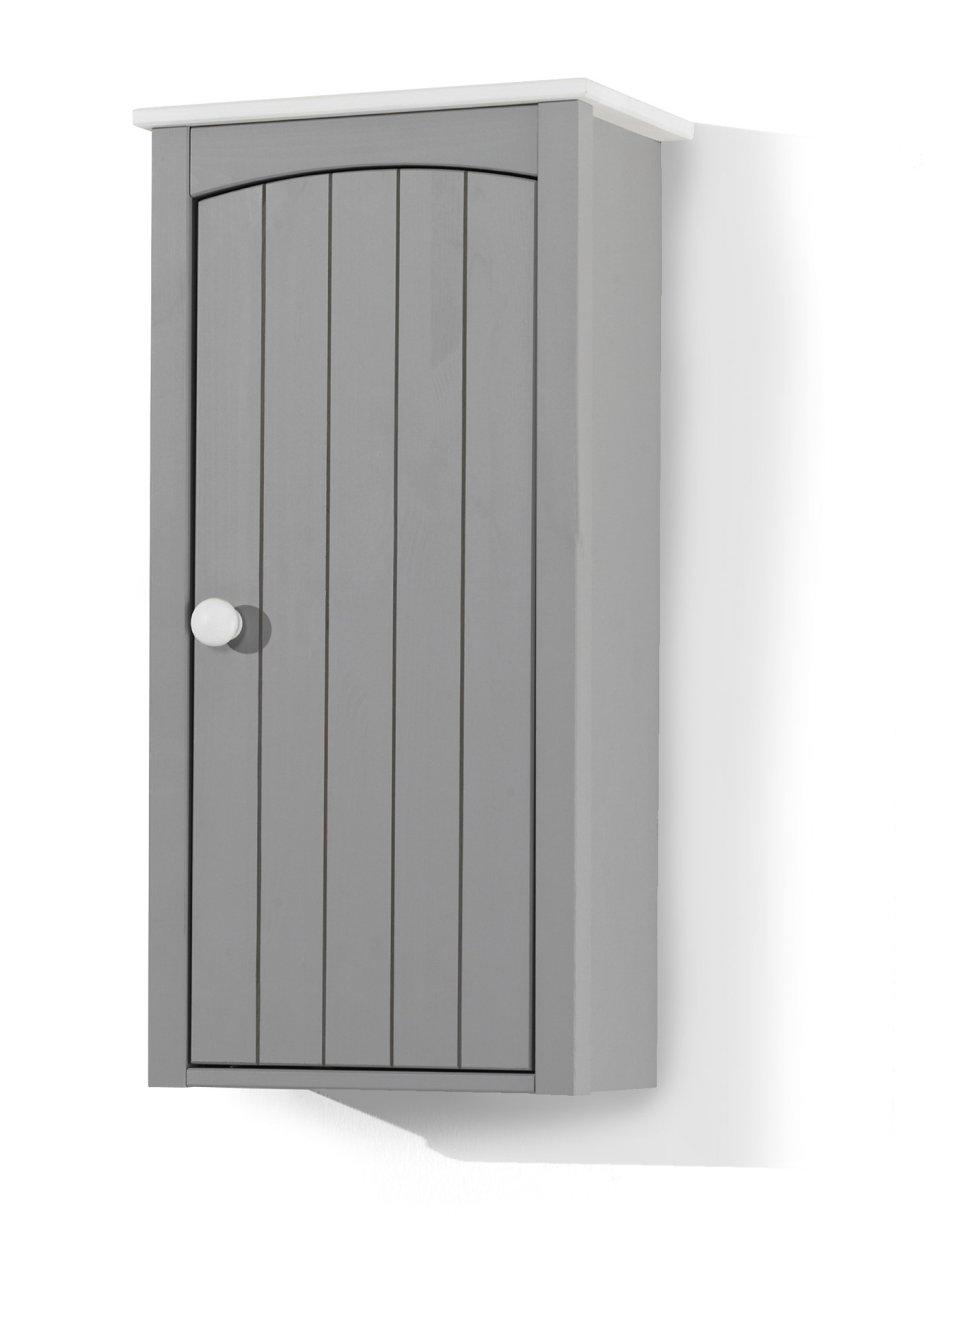 Badezimmer Hängeschrank Mit Einer Tür